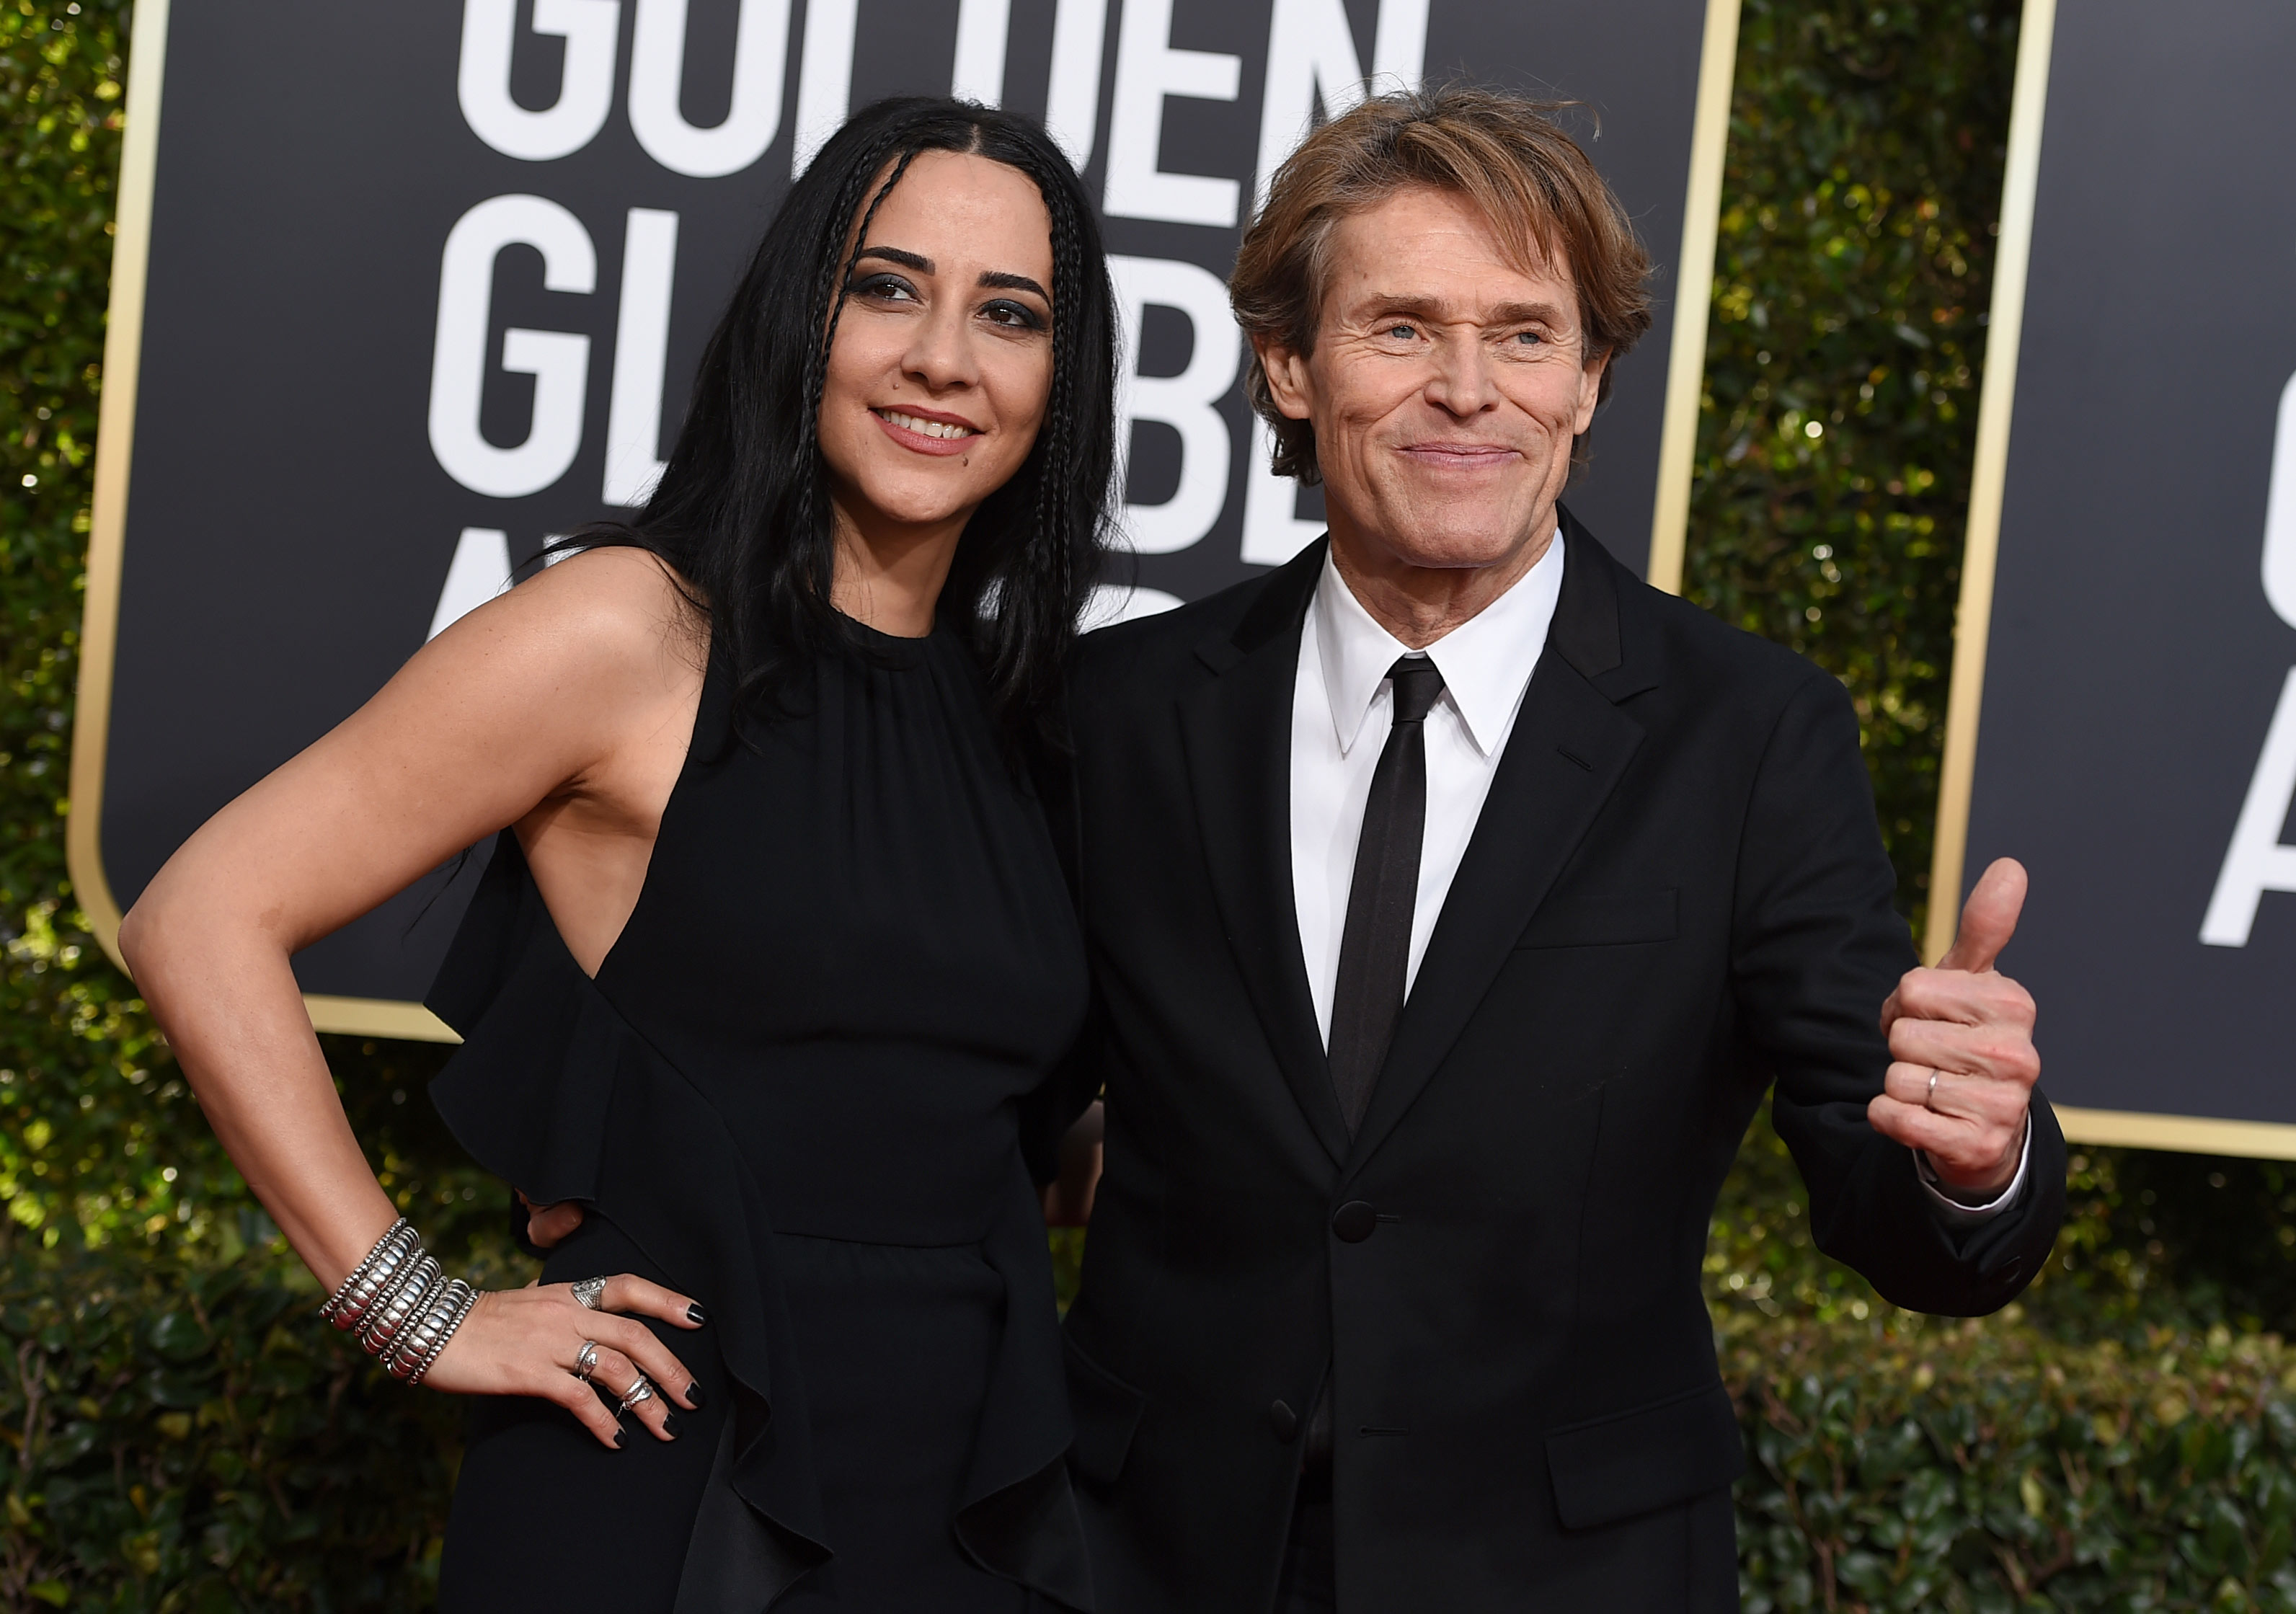 El actor y productor Willem Dafoe está casado con Giada Colagrande desde 2005 y estuvieron juntos en los Golden Globe. (Foto: AP)